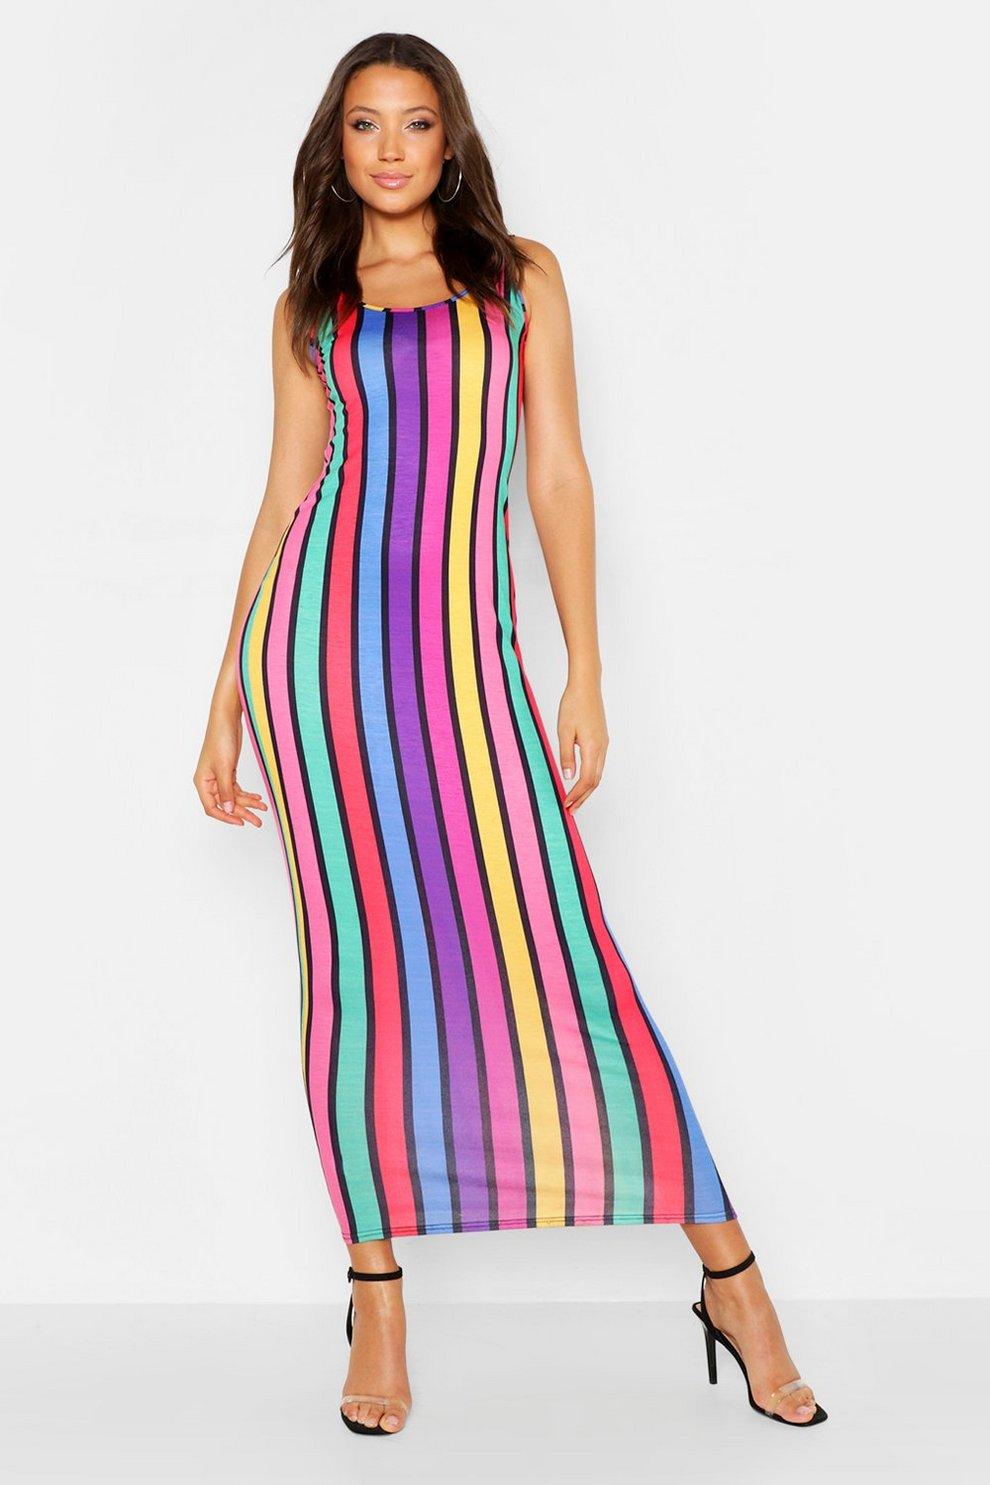 b5c8b244a8dd Maxi Dresses At Rainbow